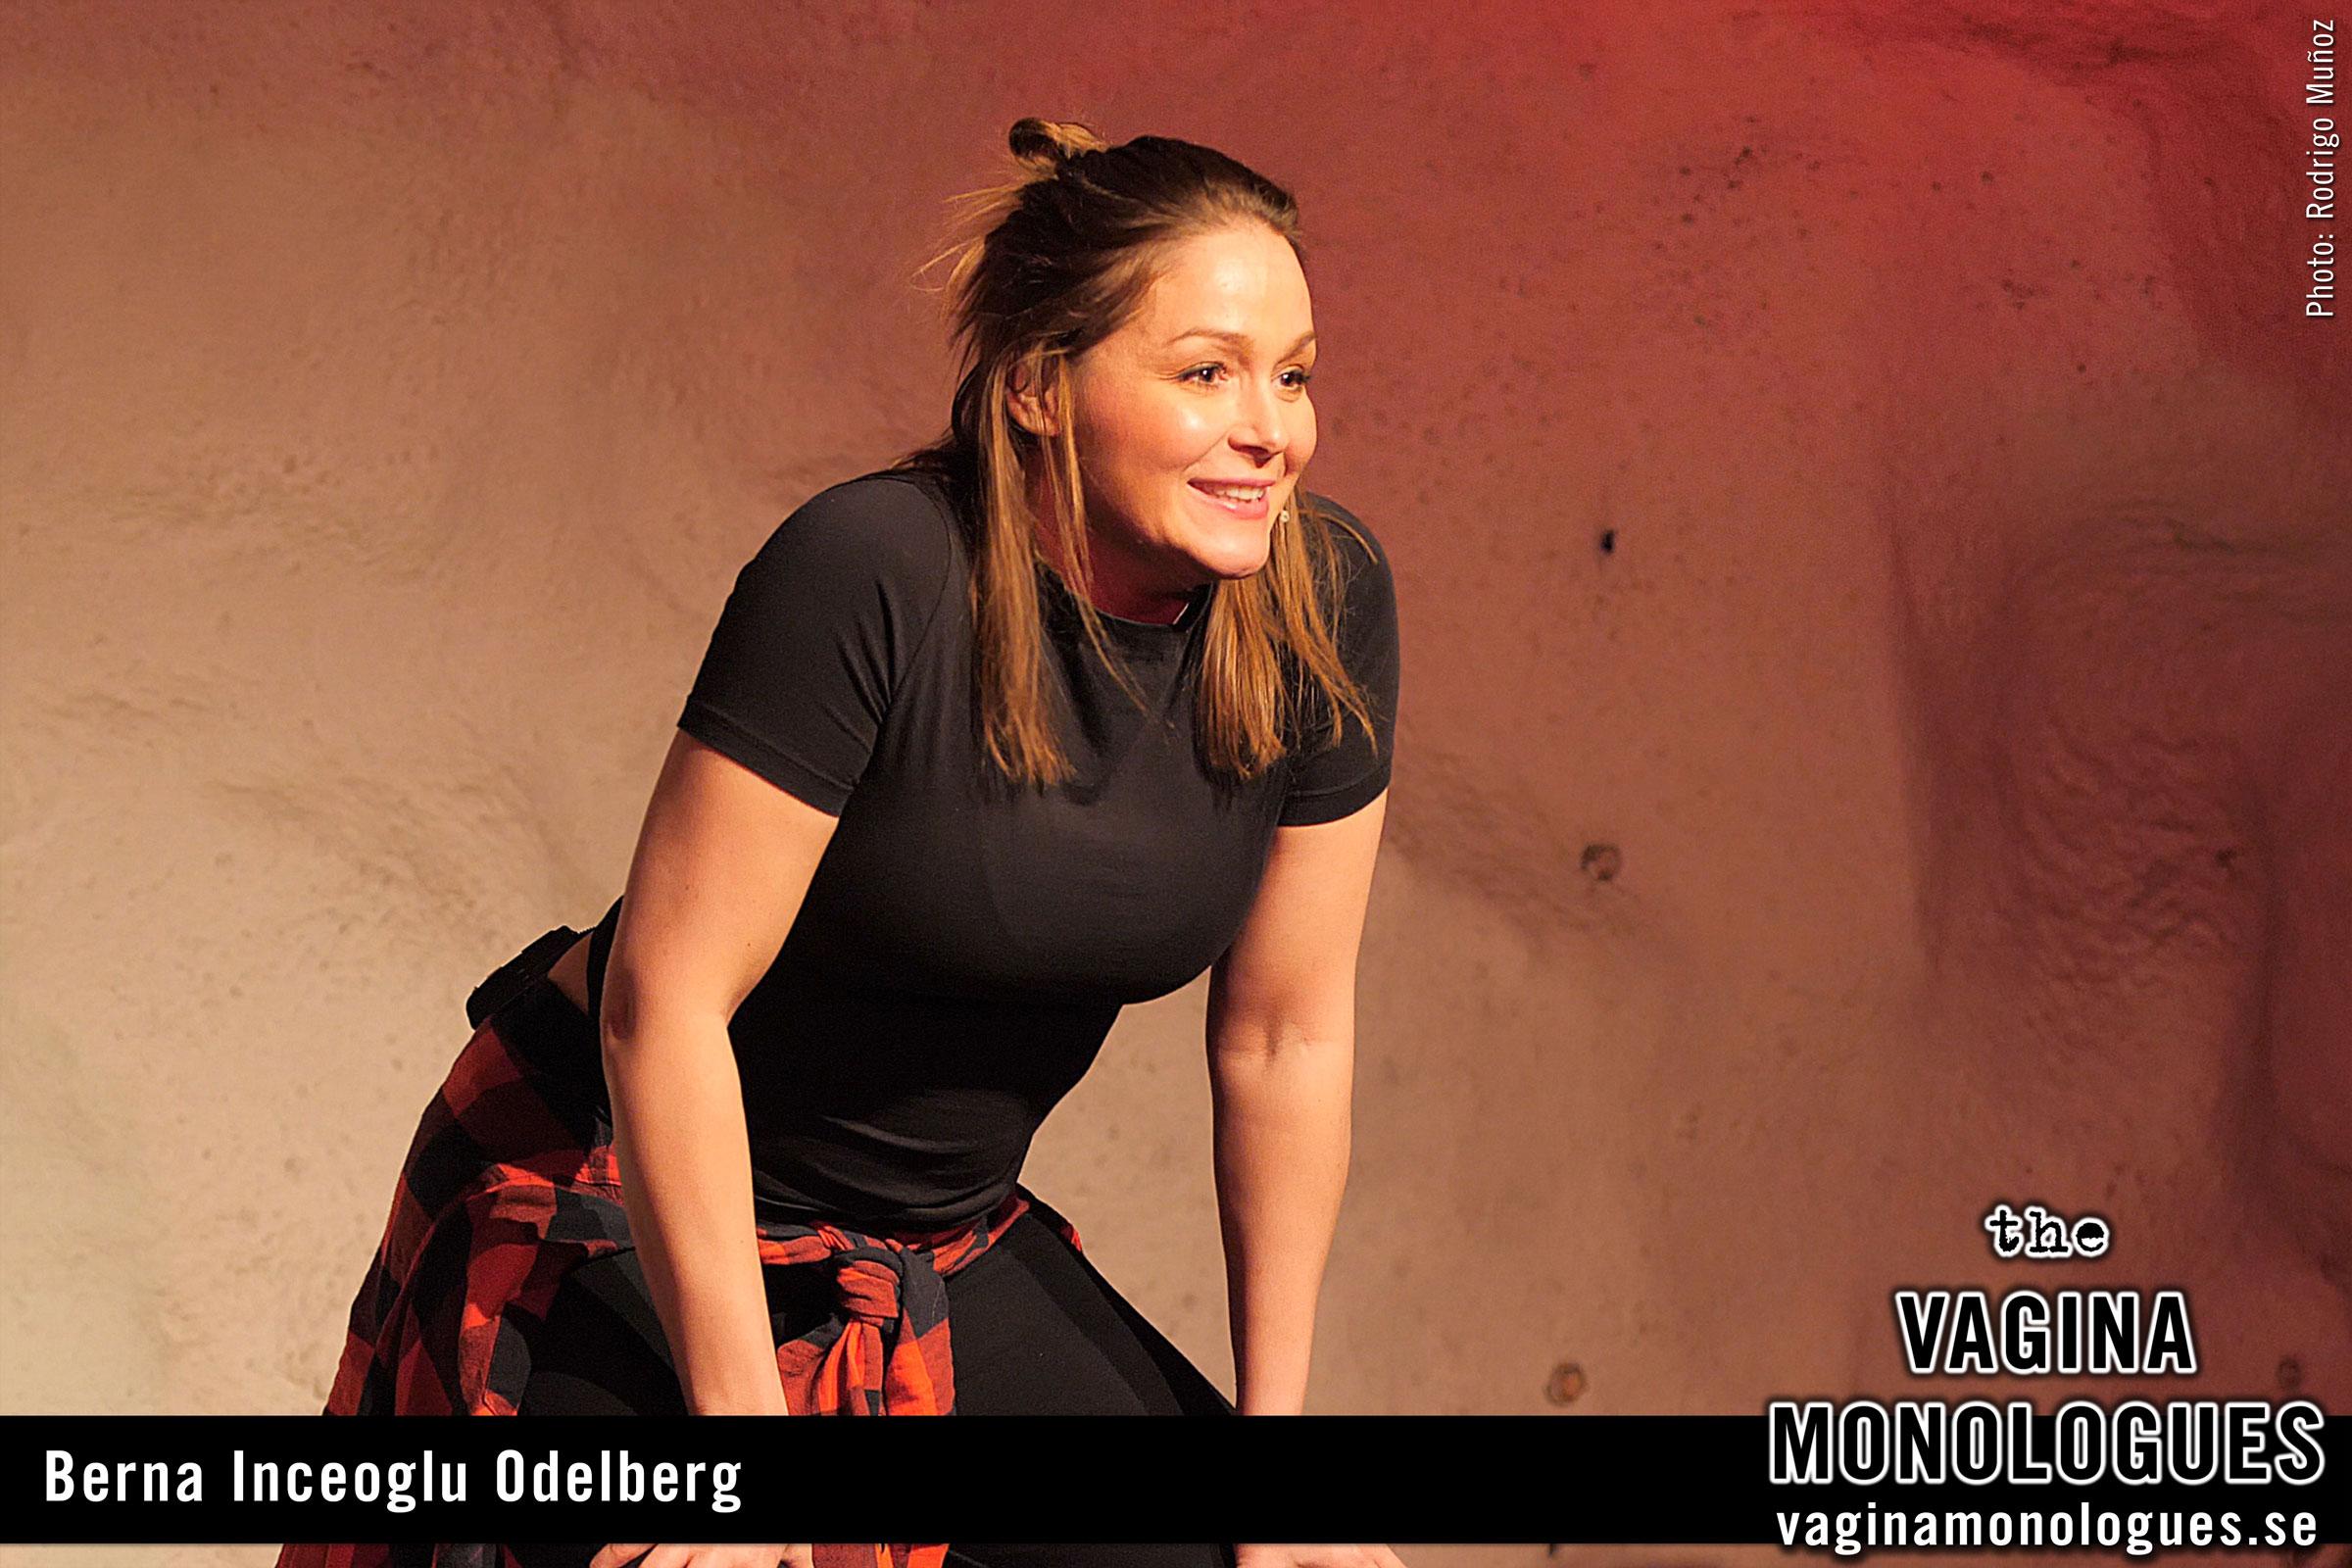 Berna Inceoglu Odelberg